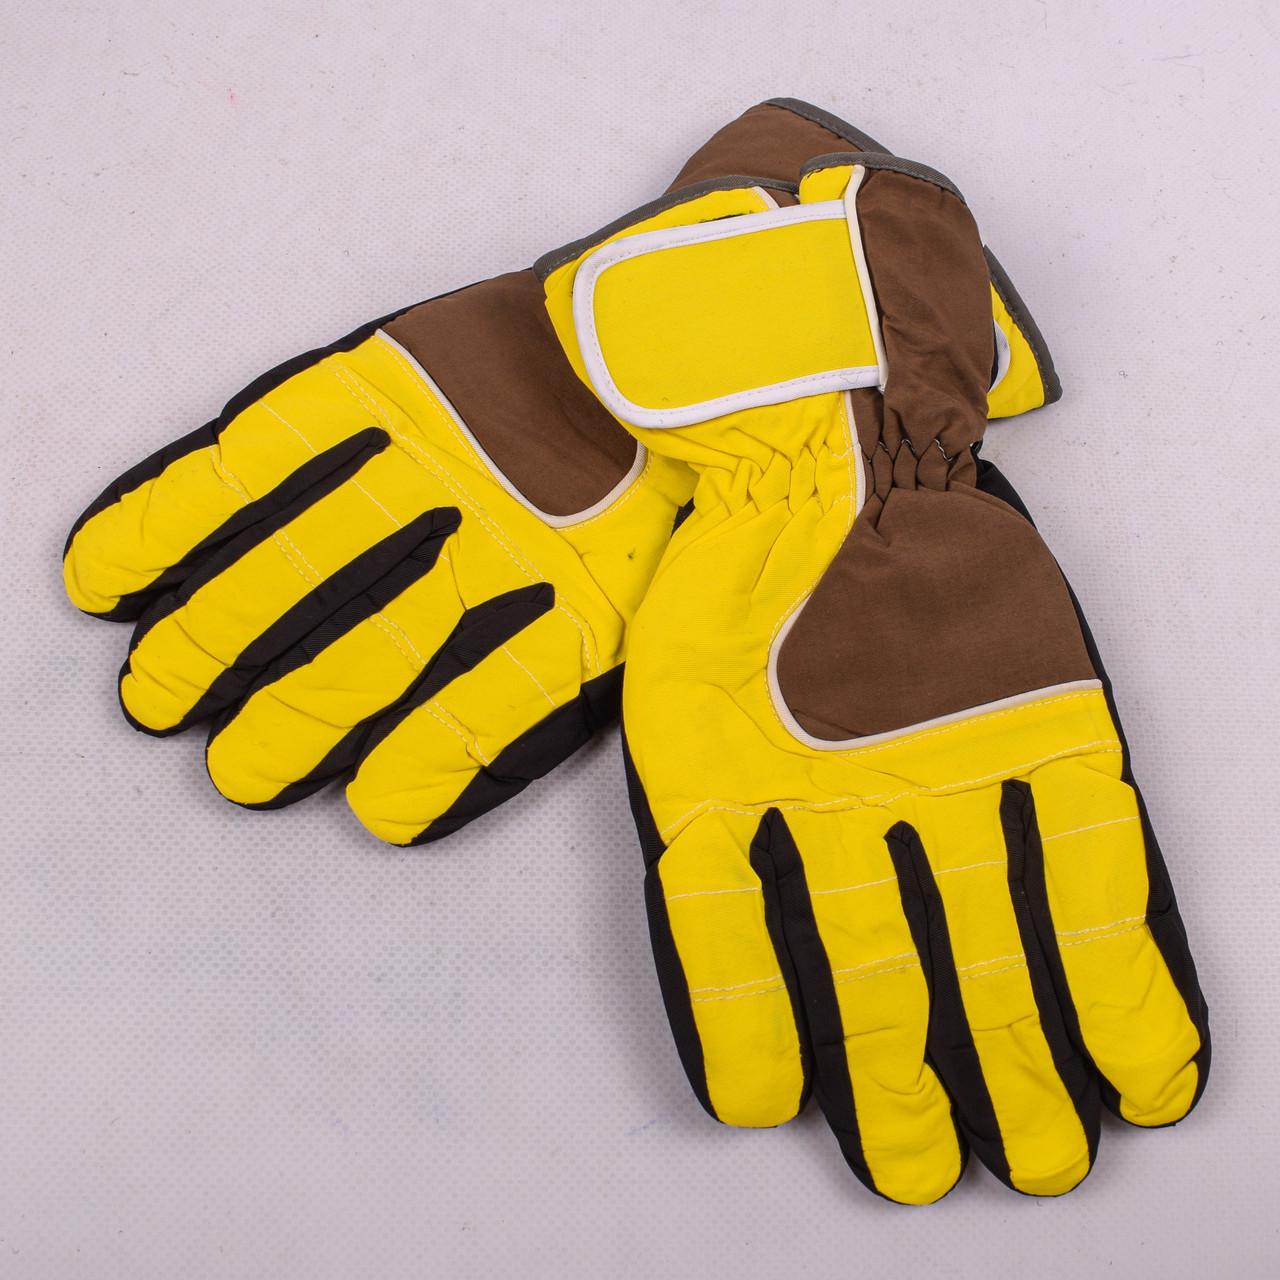 Женские перчатки лыжные на флисе желтого цвета PZ-03-17-6